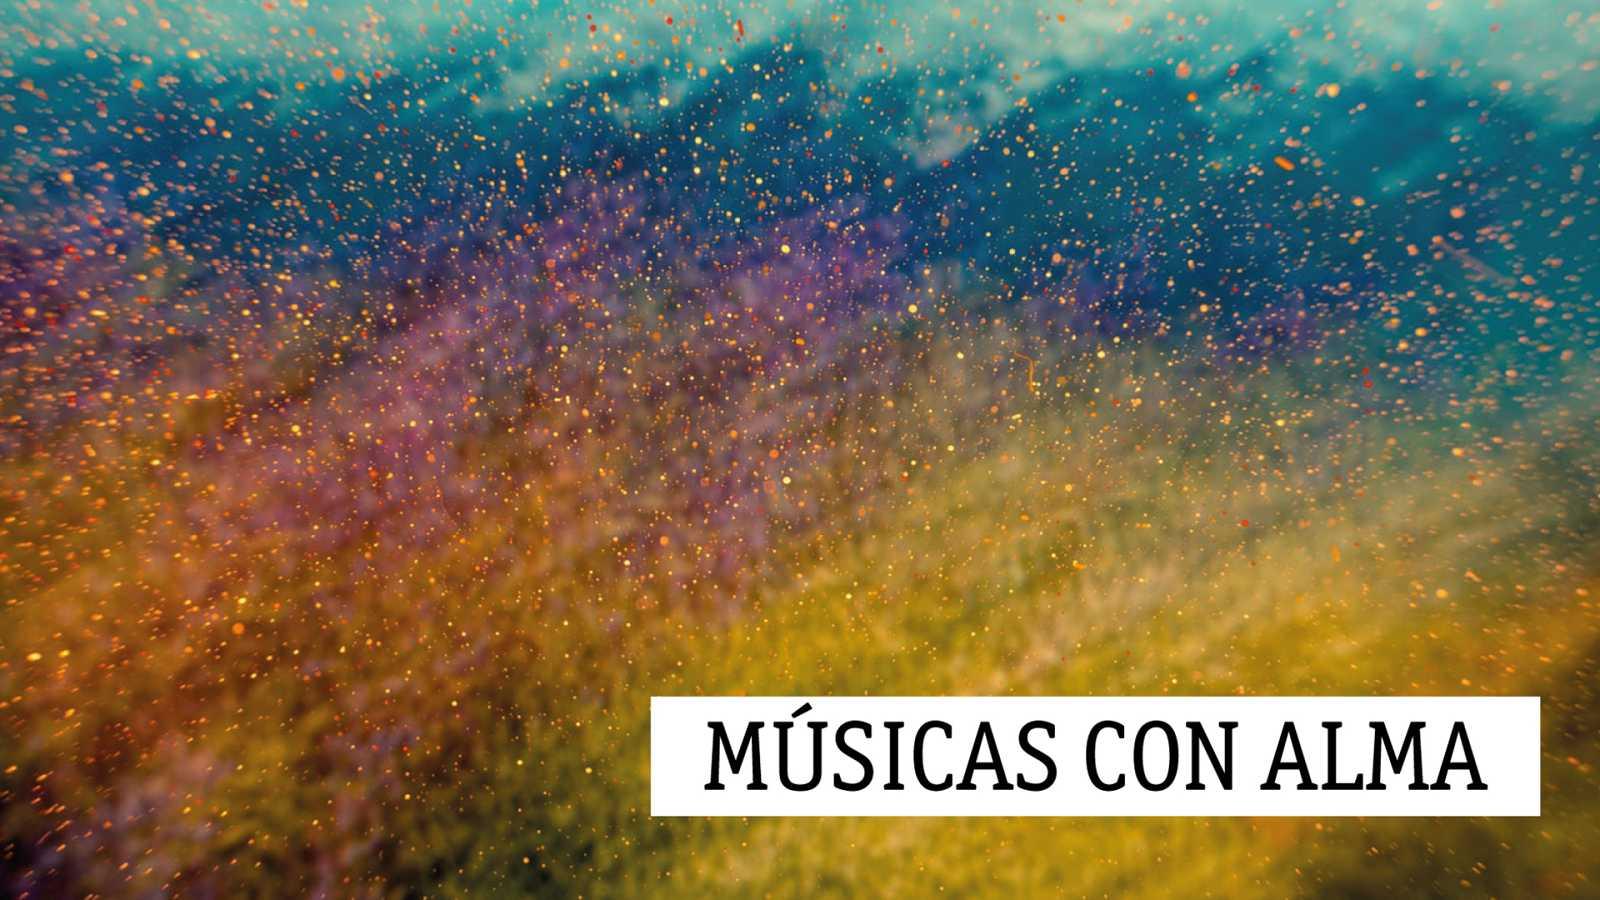 Músicas con alma - El lago en calma - 01/03/21 - escuchar ahora